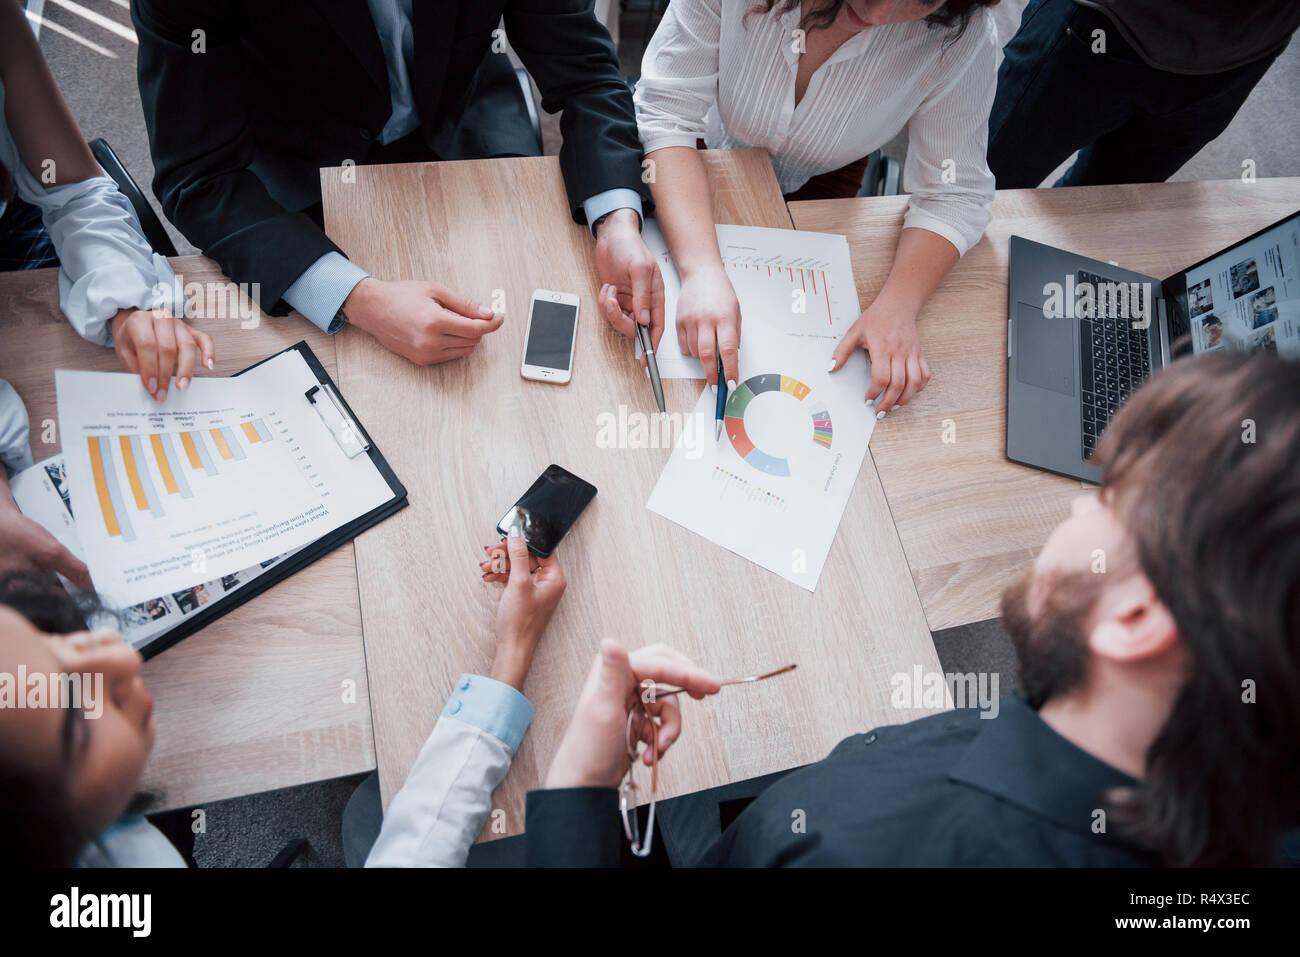 Arbeitsumfeld und die Diskussion über ein neues Projekt. Konzept Bild von Wirtschaft und Geld Stockbild